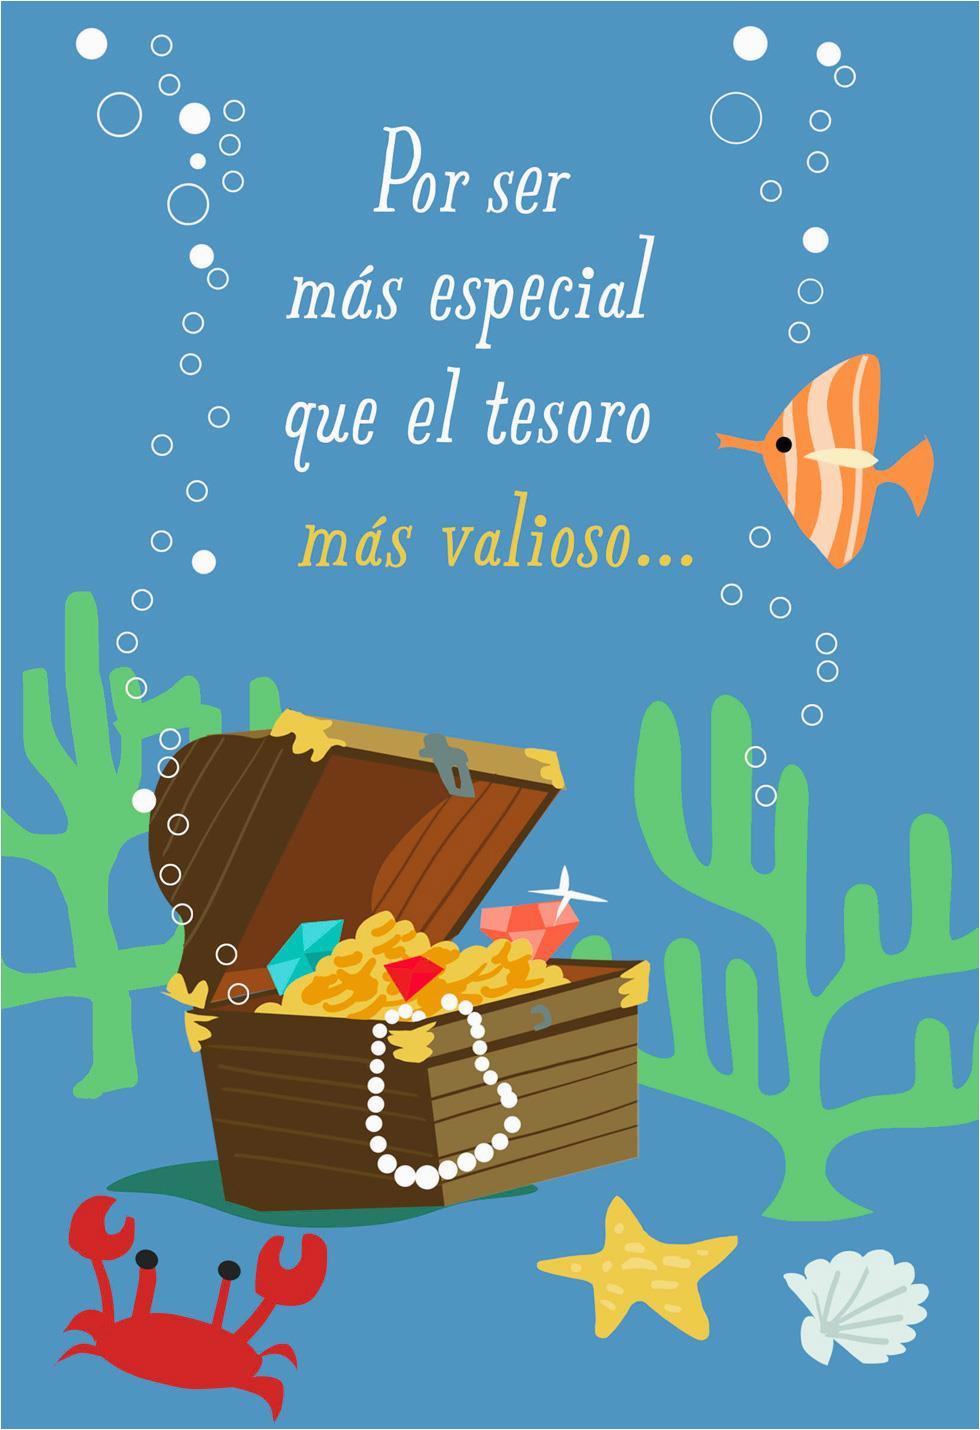 Treasure Chest Spanish Language Musical Birthday Card